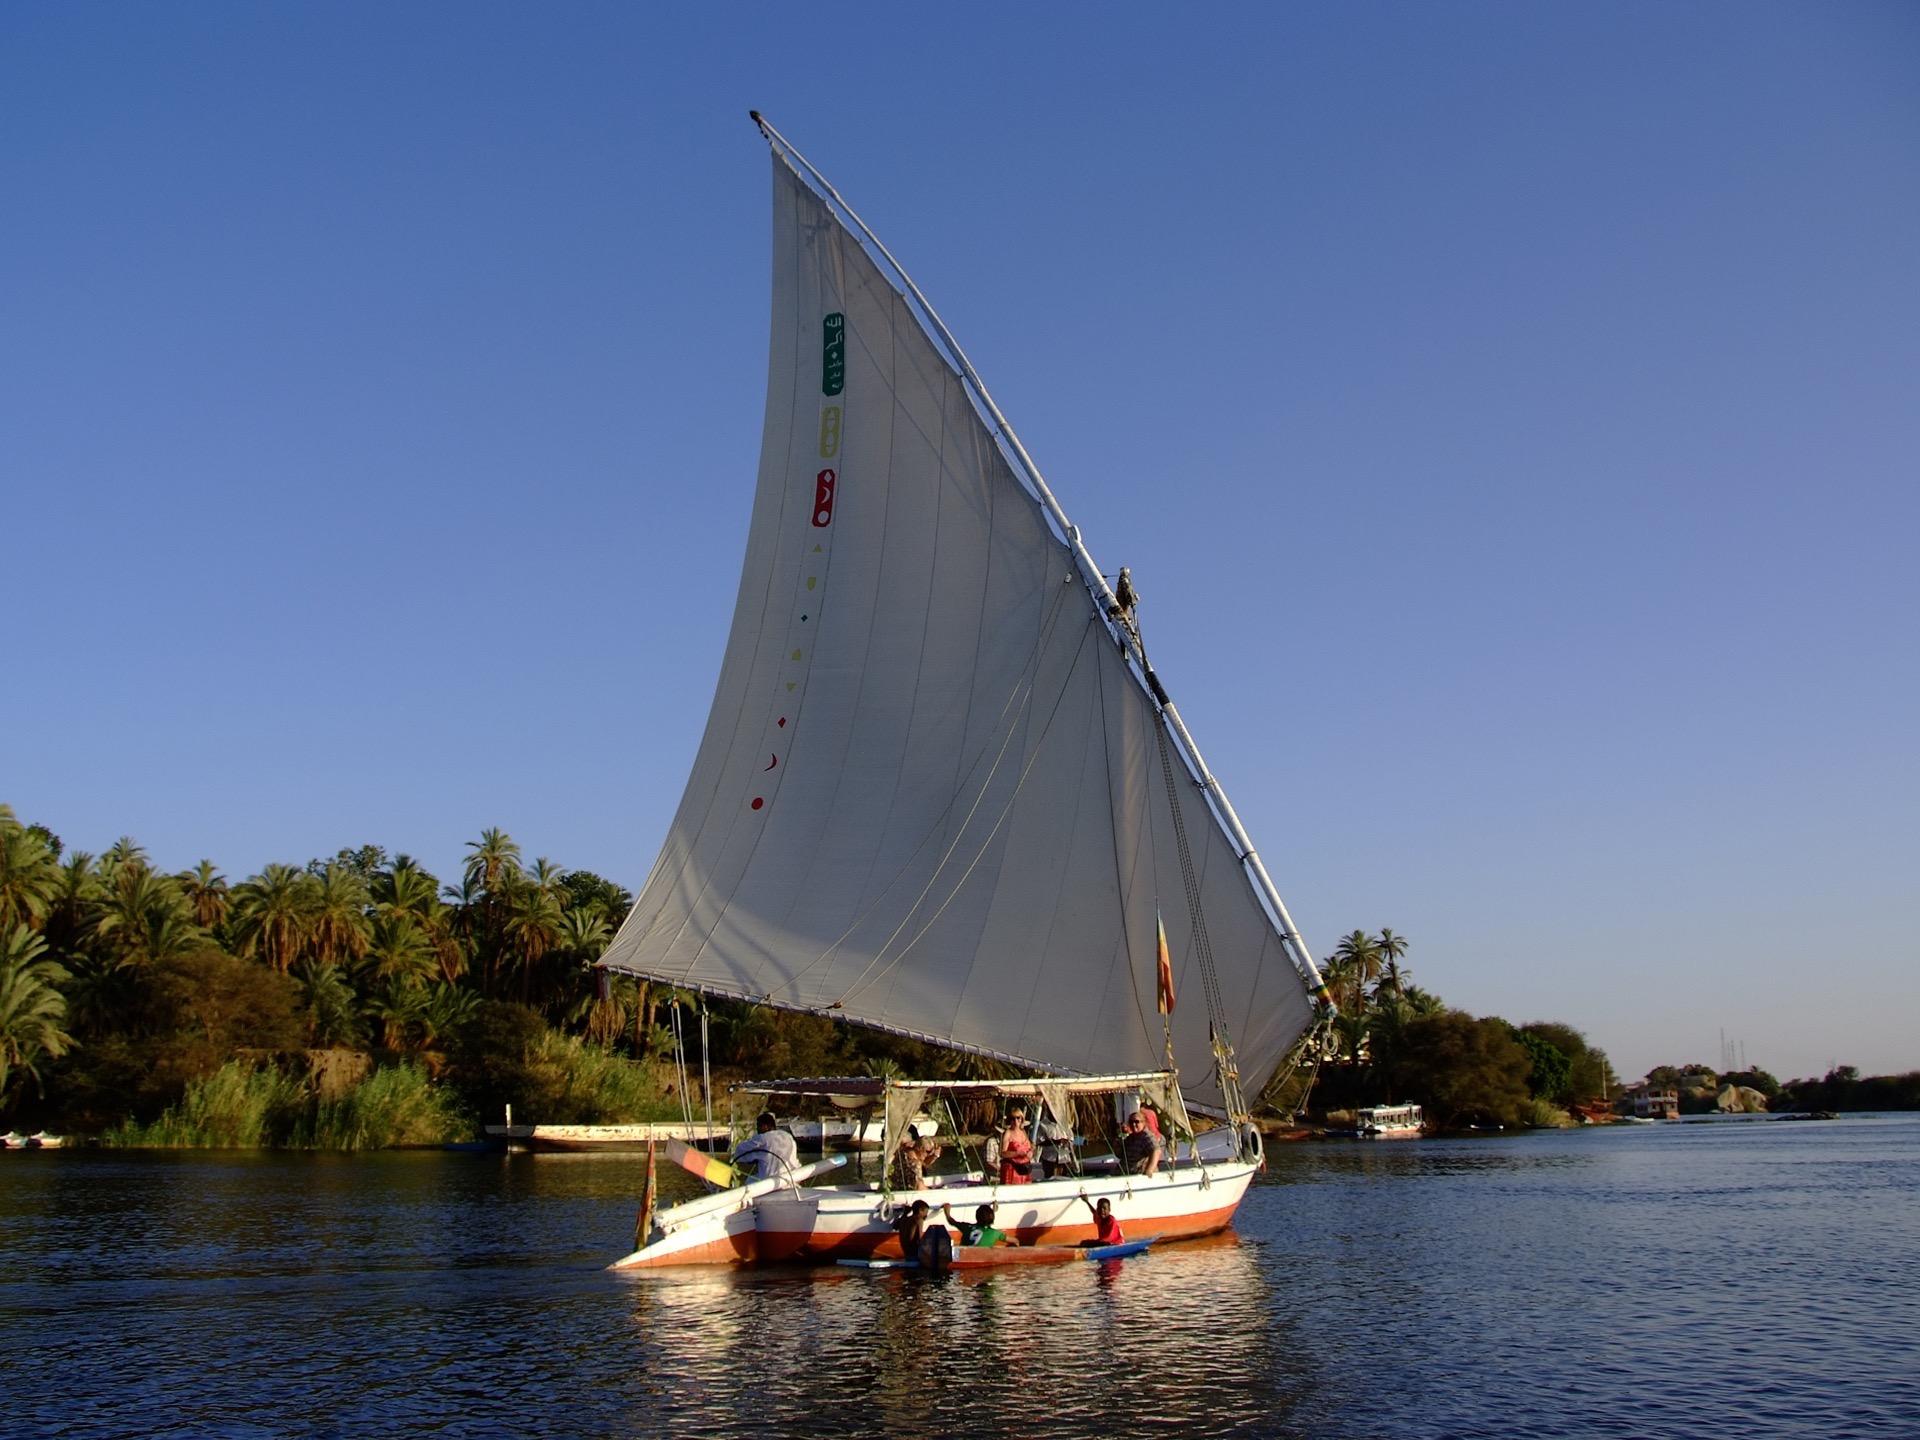 阿斯旺風帆船之旅 掌舵風帆船-暢遊尼羅河美景